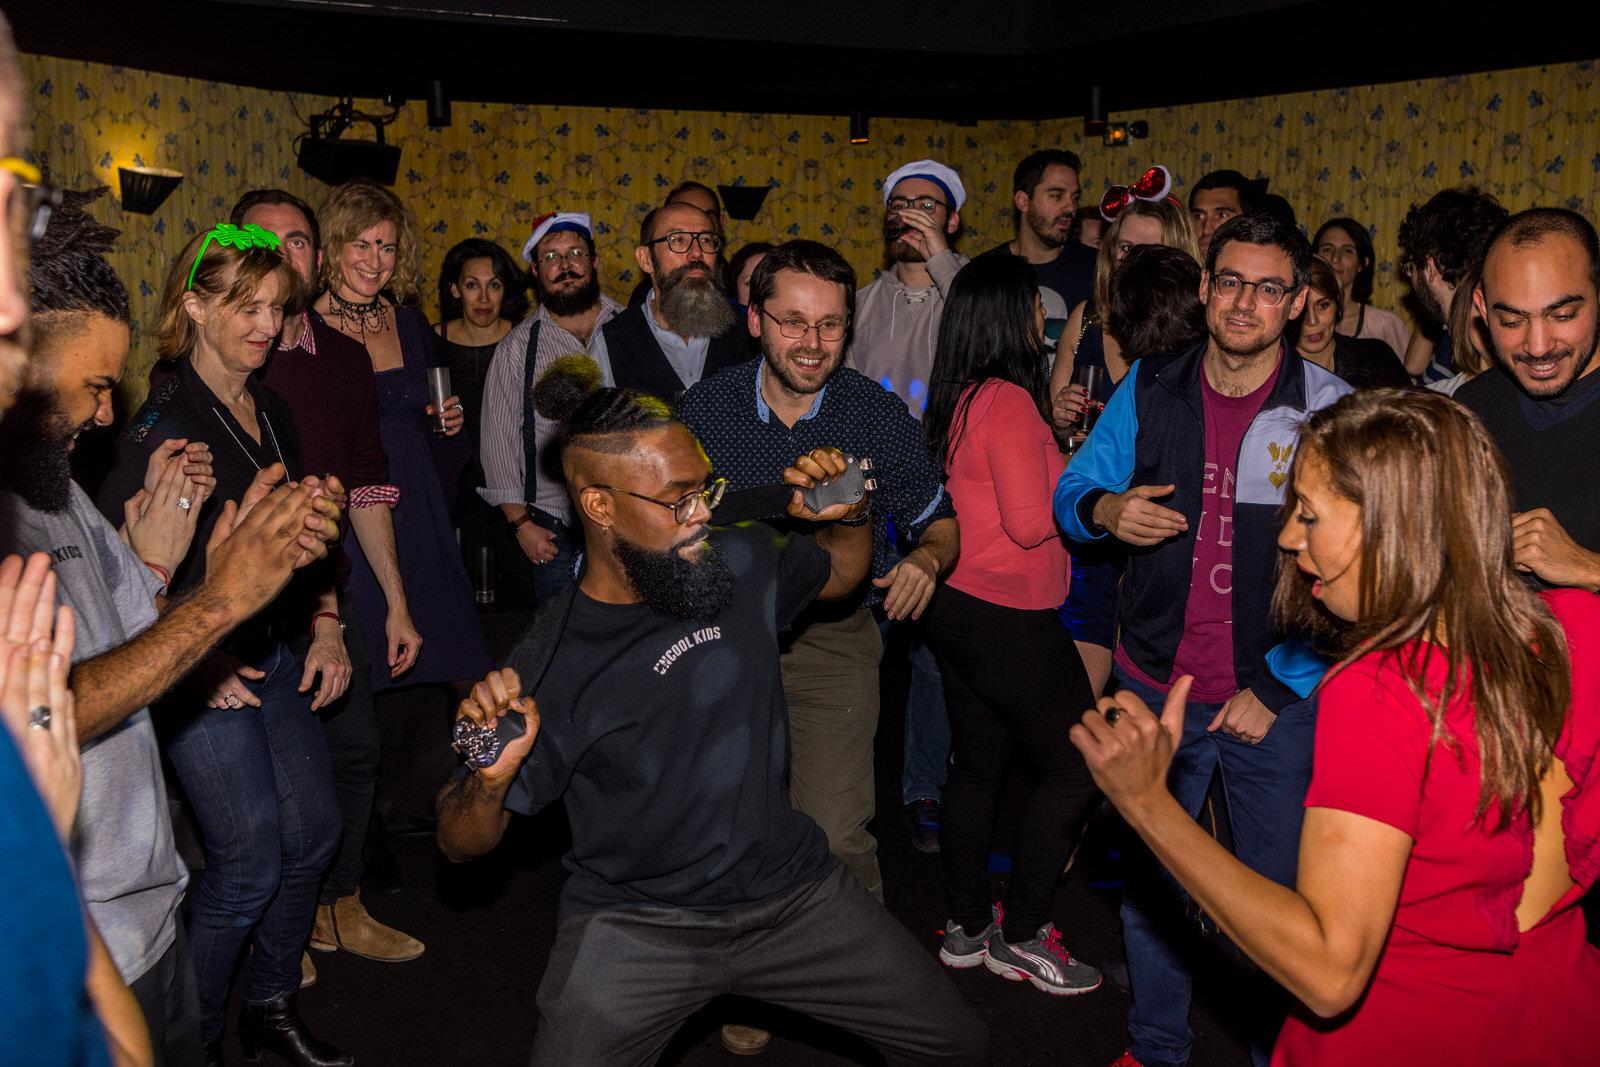 Espace de coworking paris REMIX party winter - 181.jpg